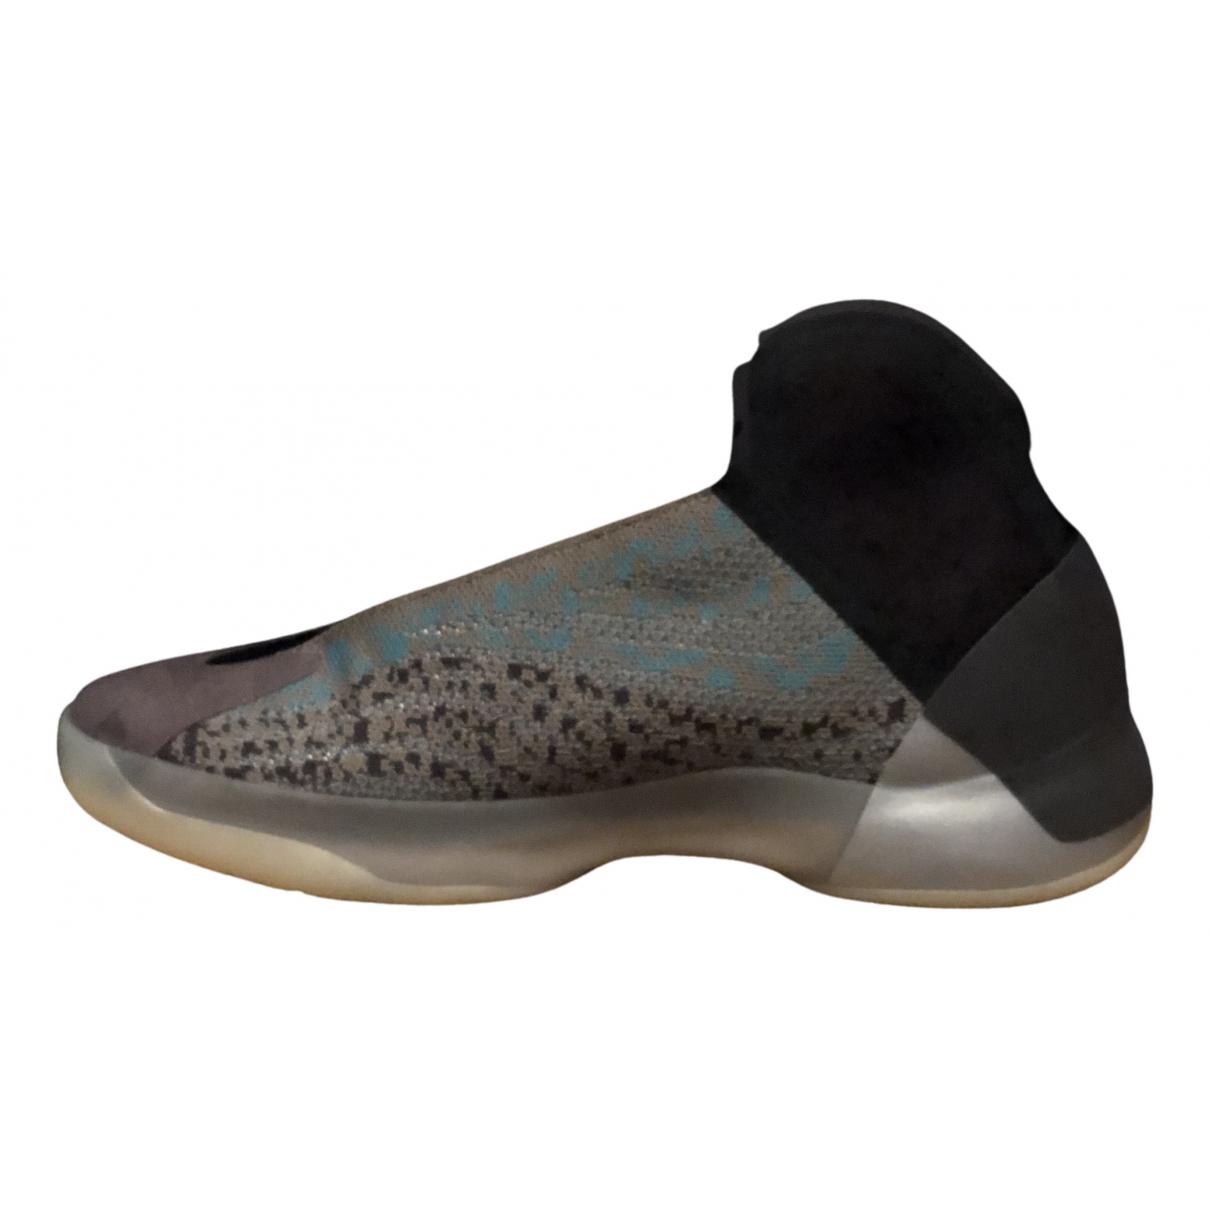 Yeezy X Adidas - Baskets QNTM BSKTBL pour homme en toile - gris